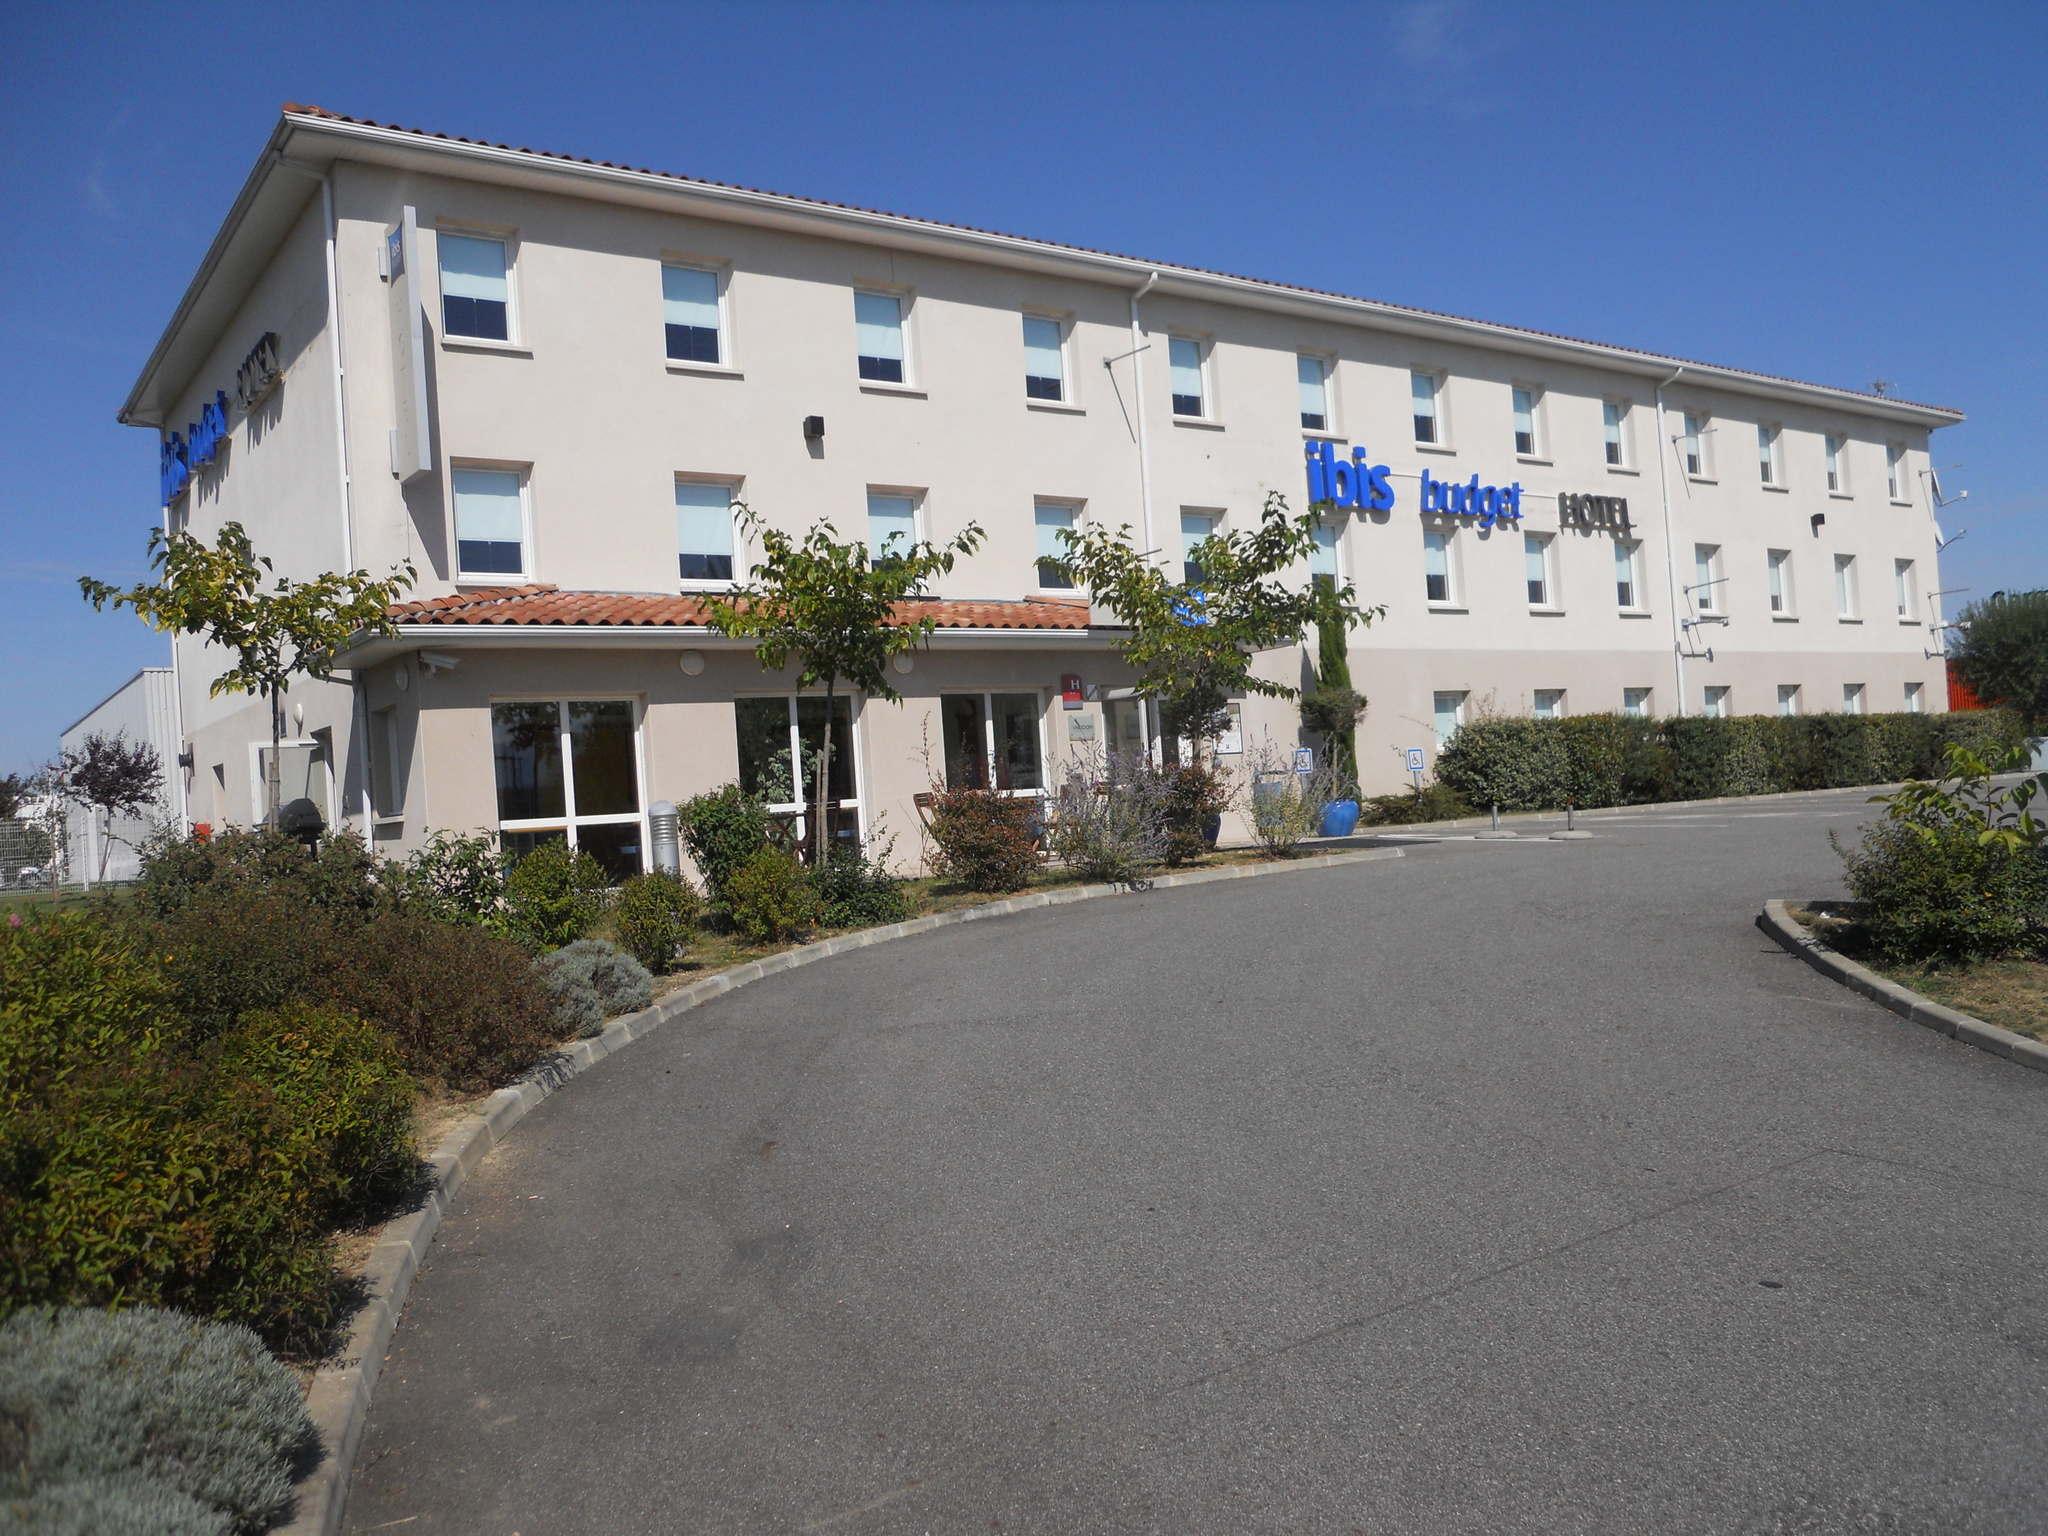 St Gaudens Hotel